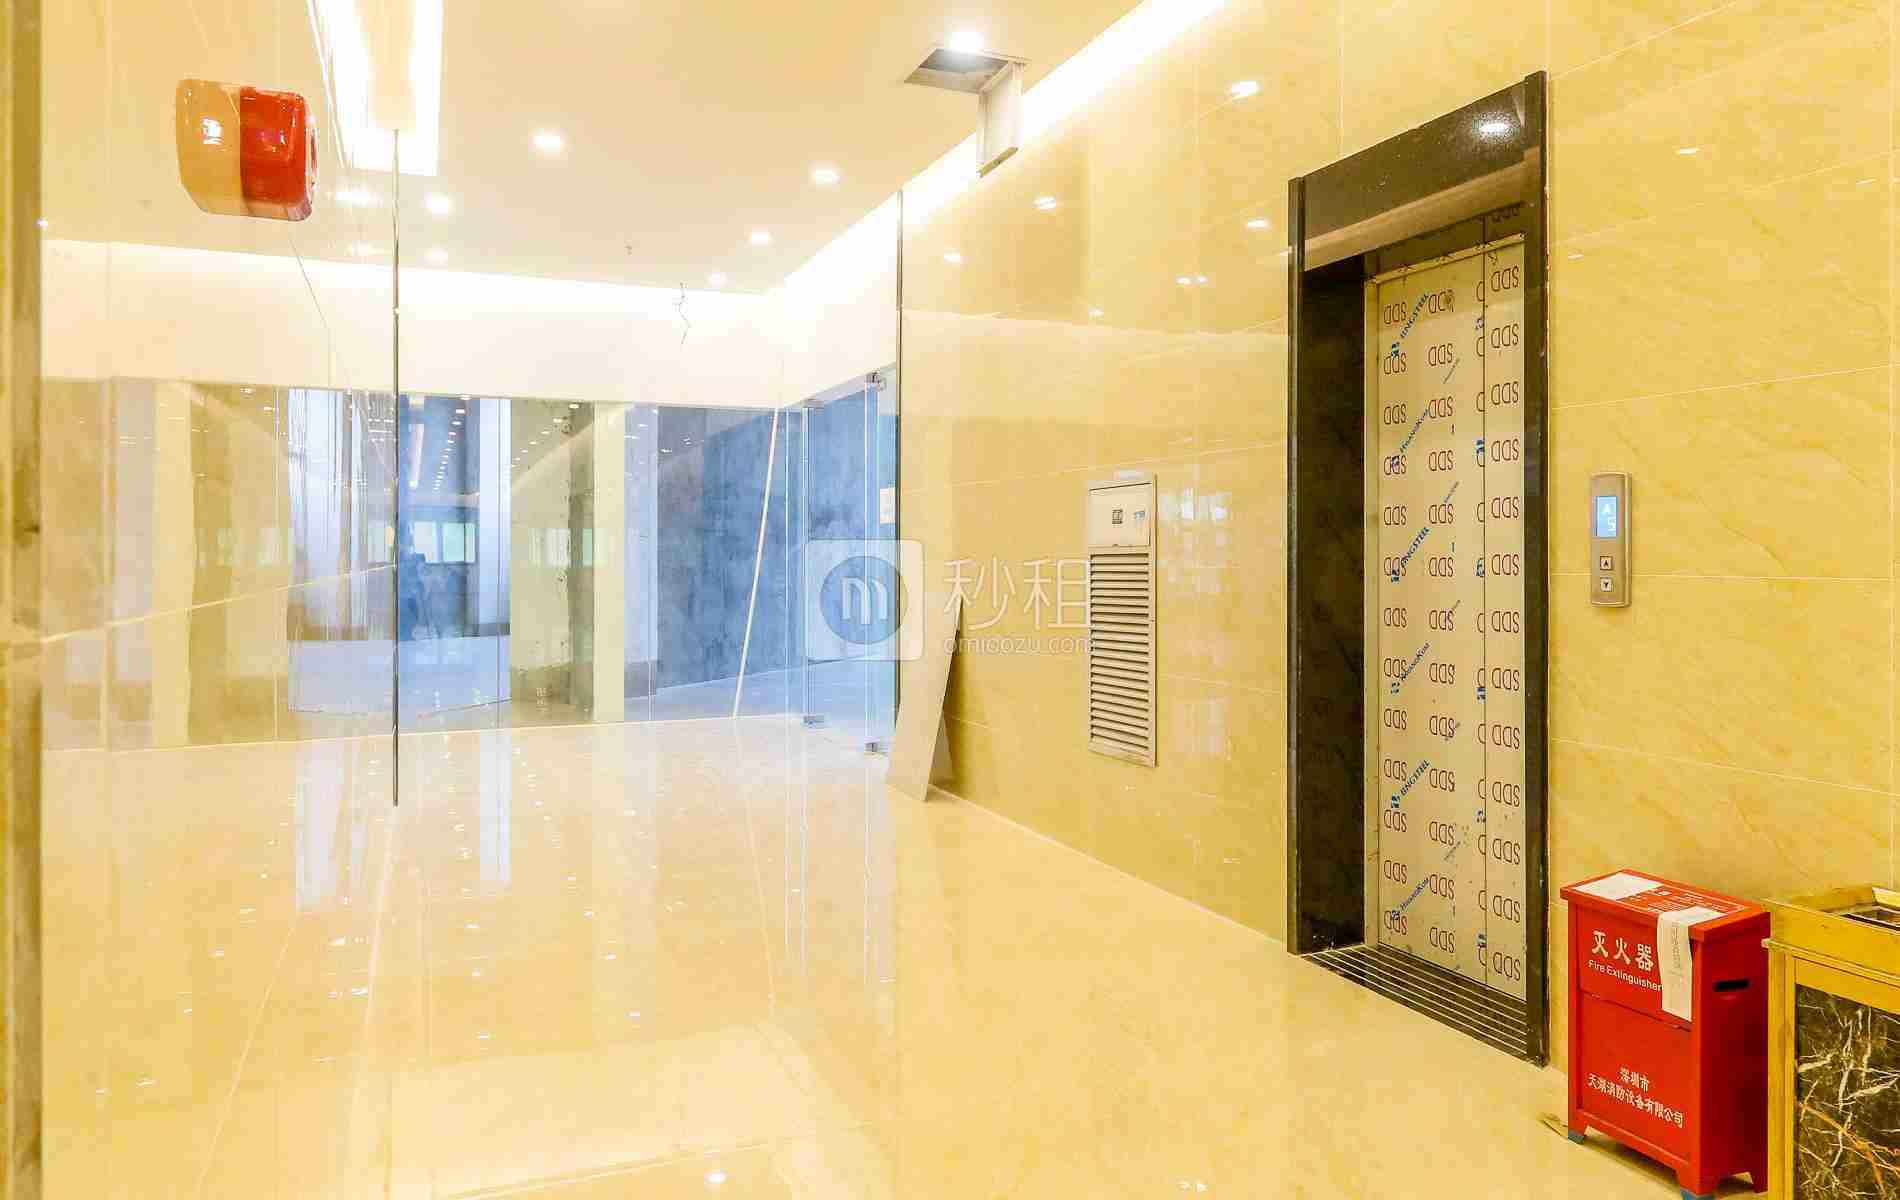 皇嘉中心写字楼出租/招租/租赁,皇嘉中心办公室出租/招租/租赁